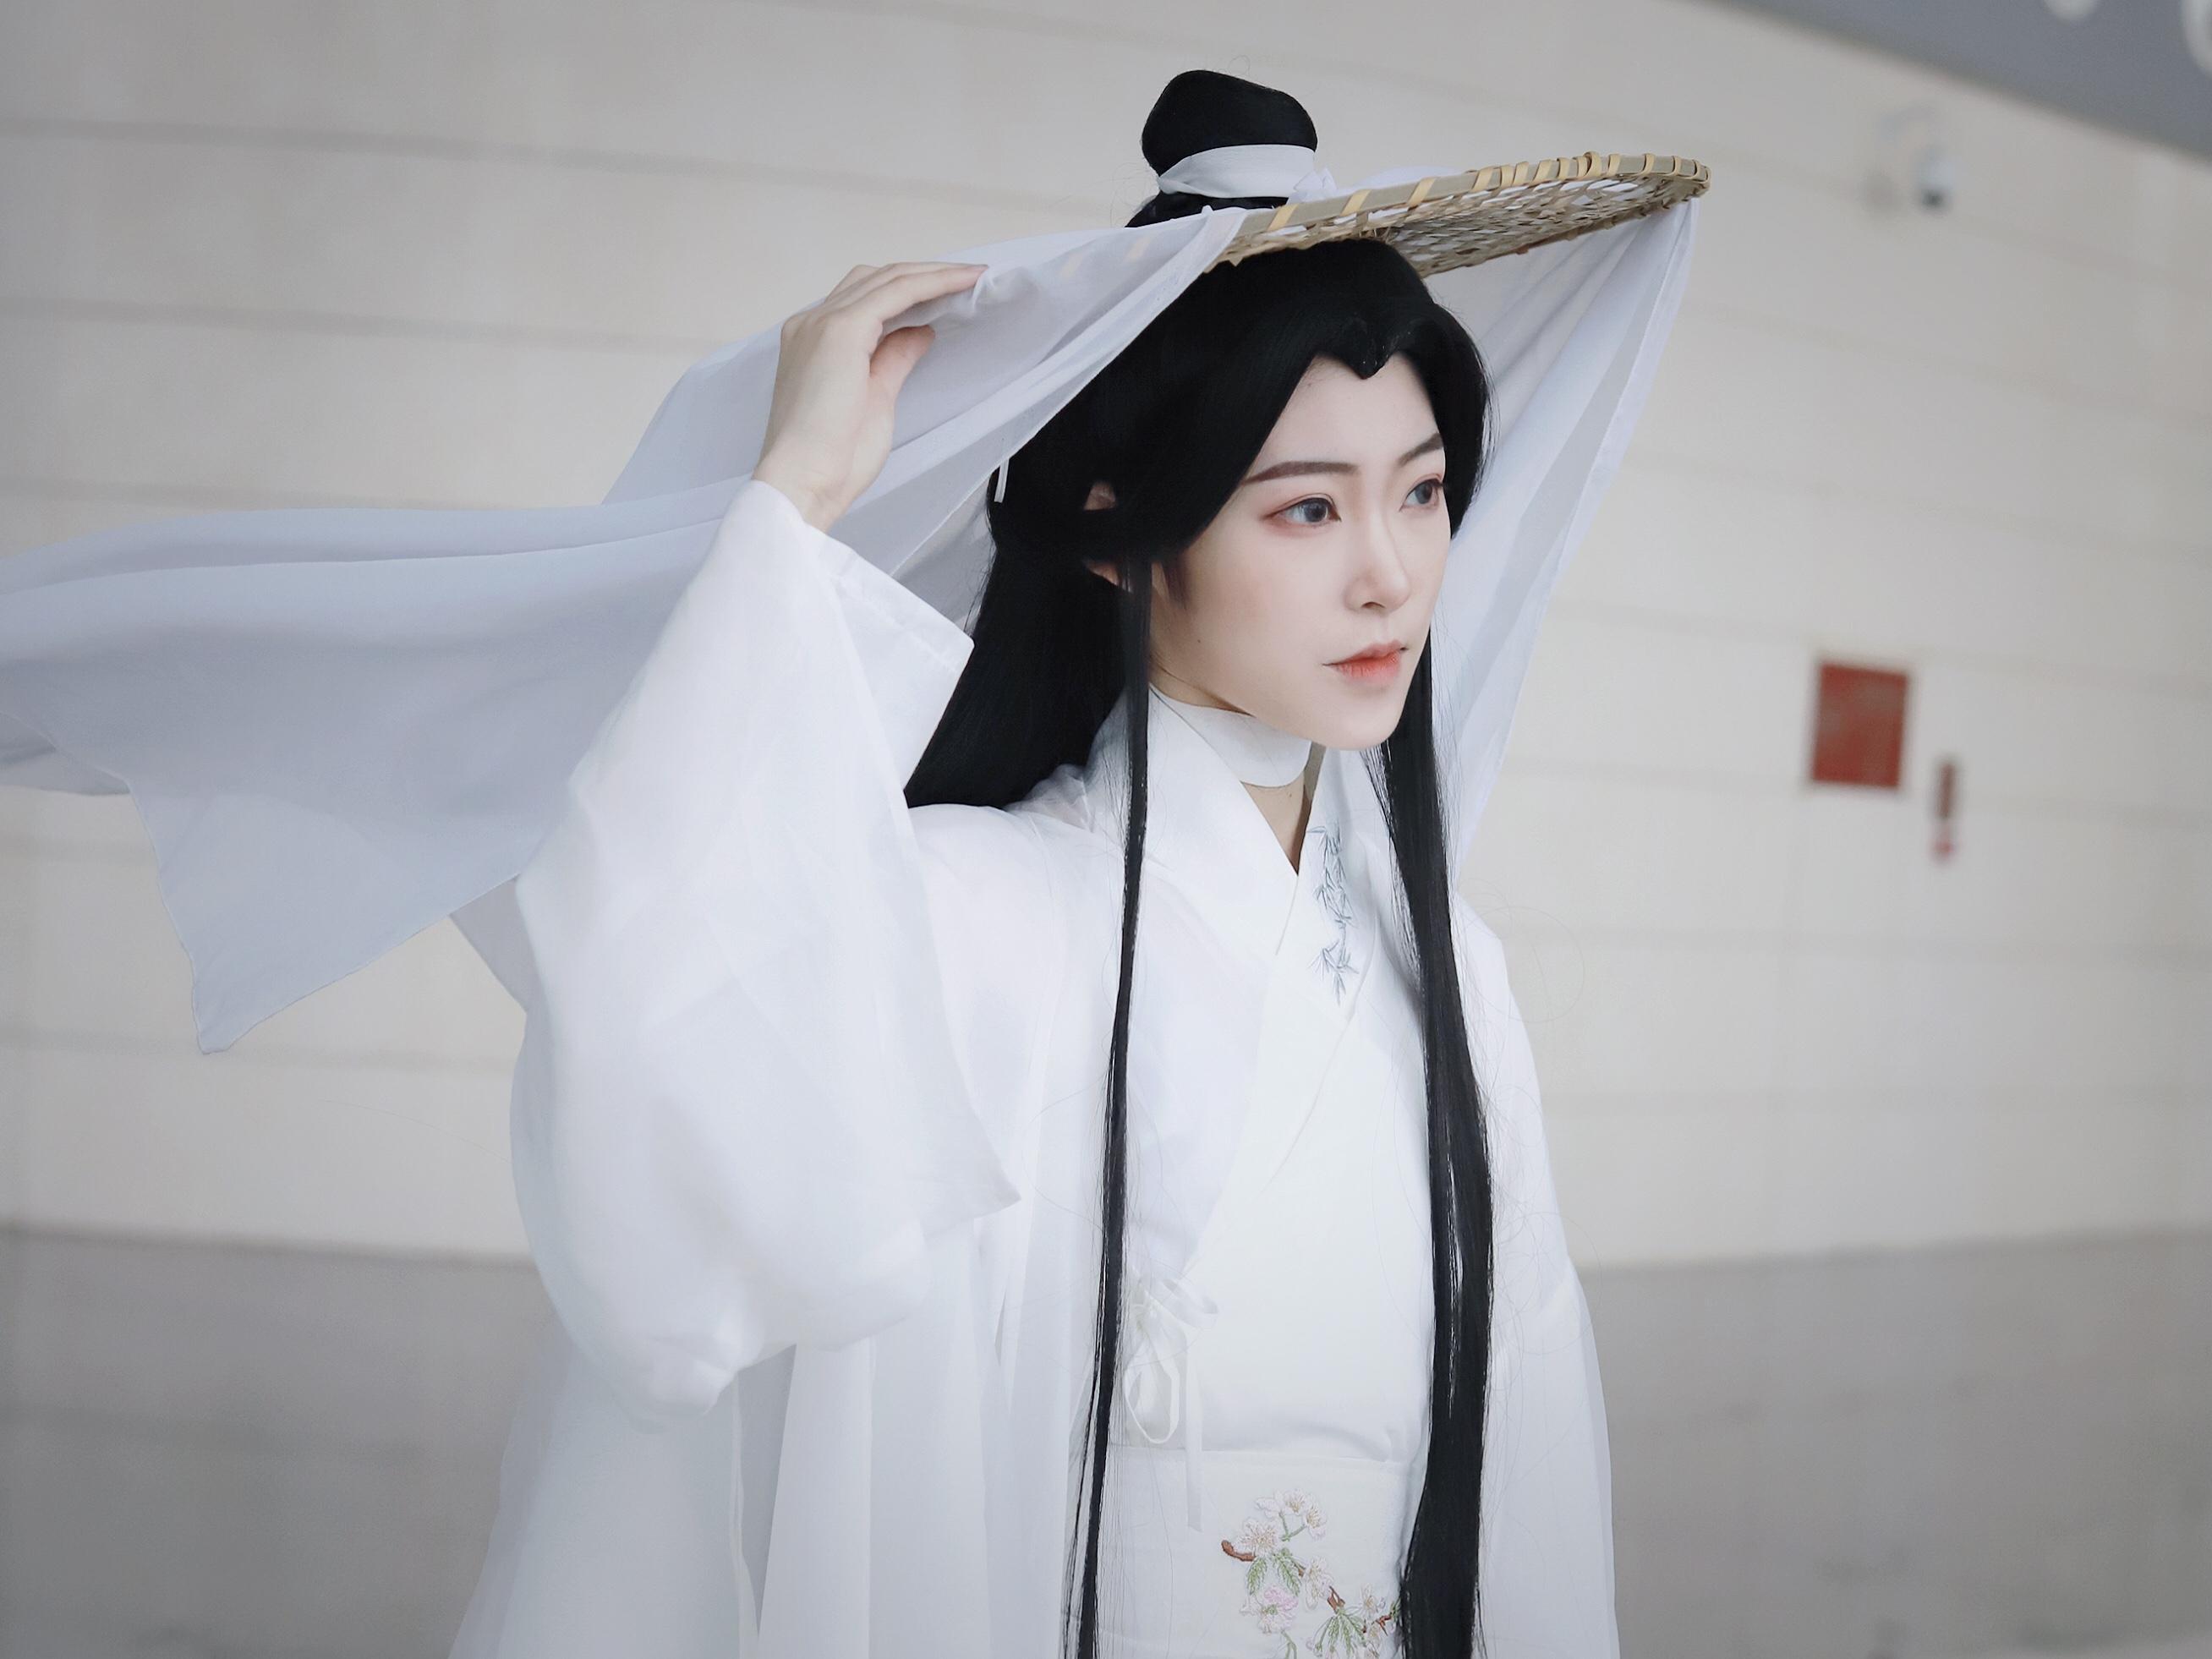 《天官赐福》天官赐福花怜cosplay【CN:南角】-第3张